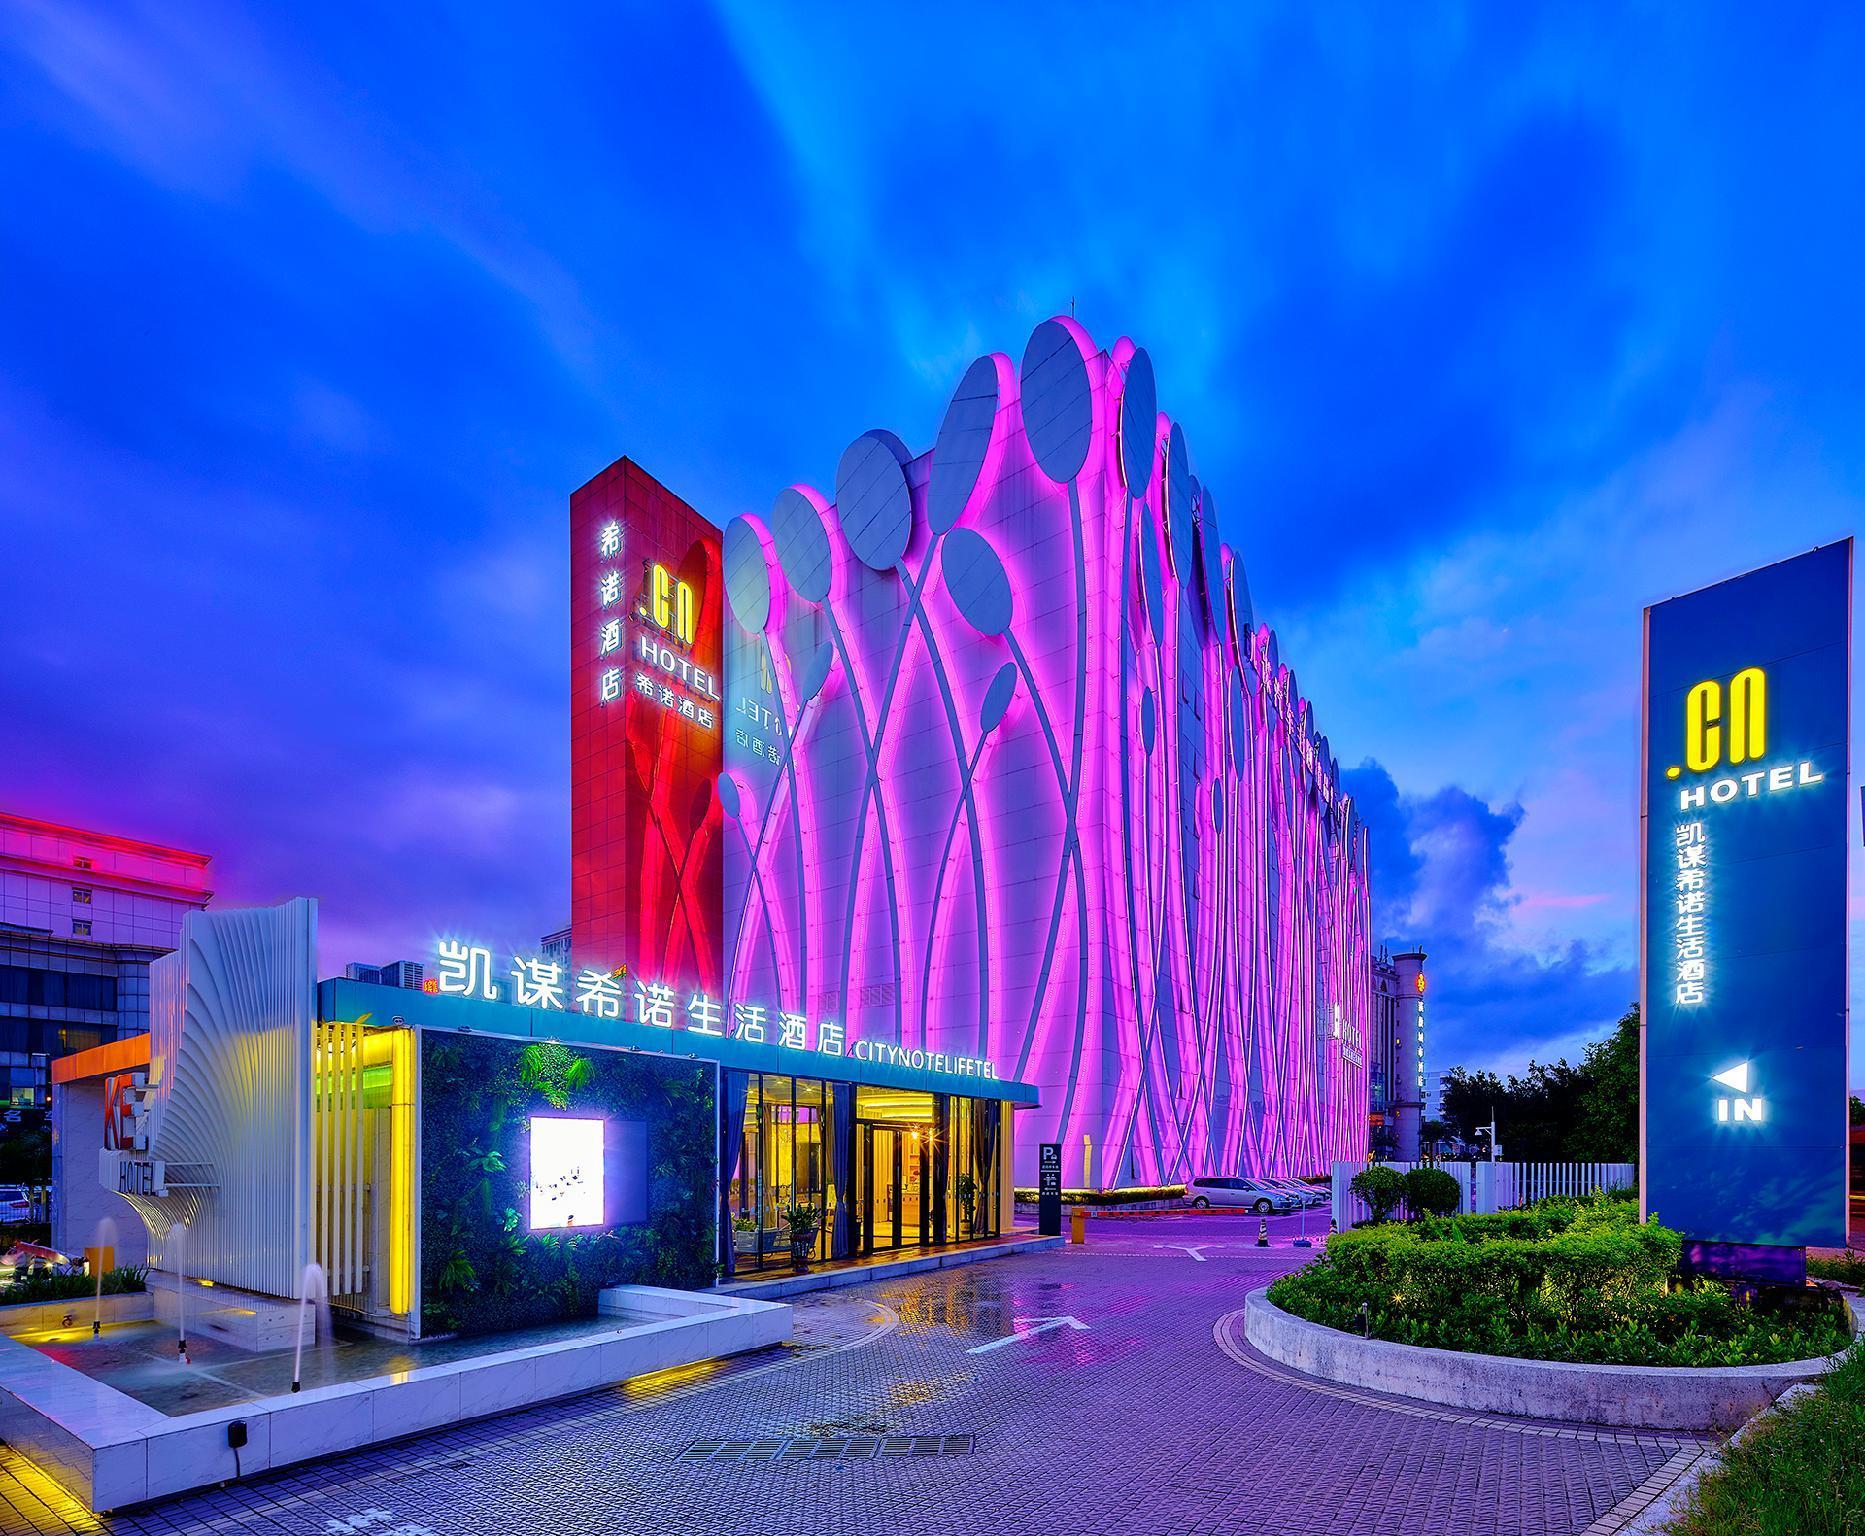 CityNote Life Tel International Convention And Exhibition Center Shenzhen